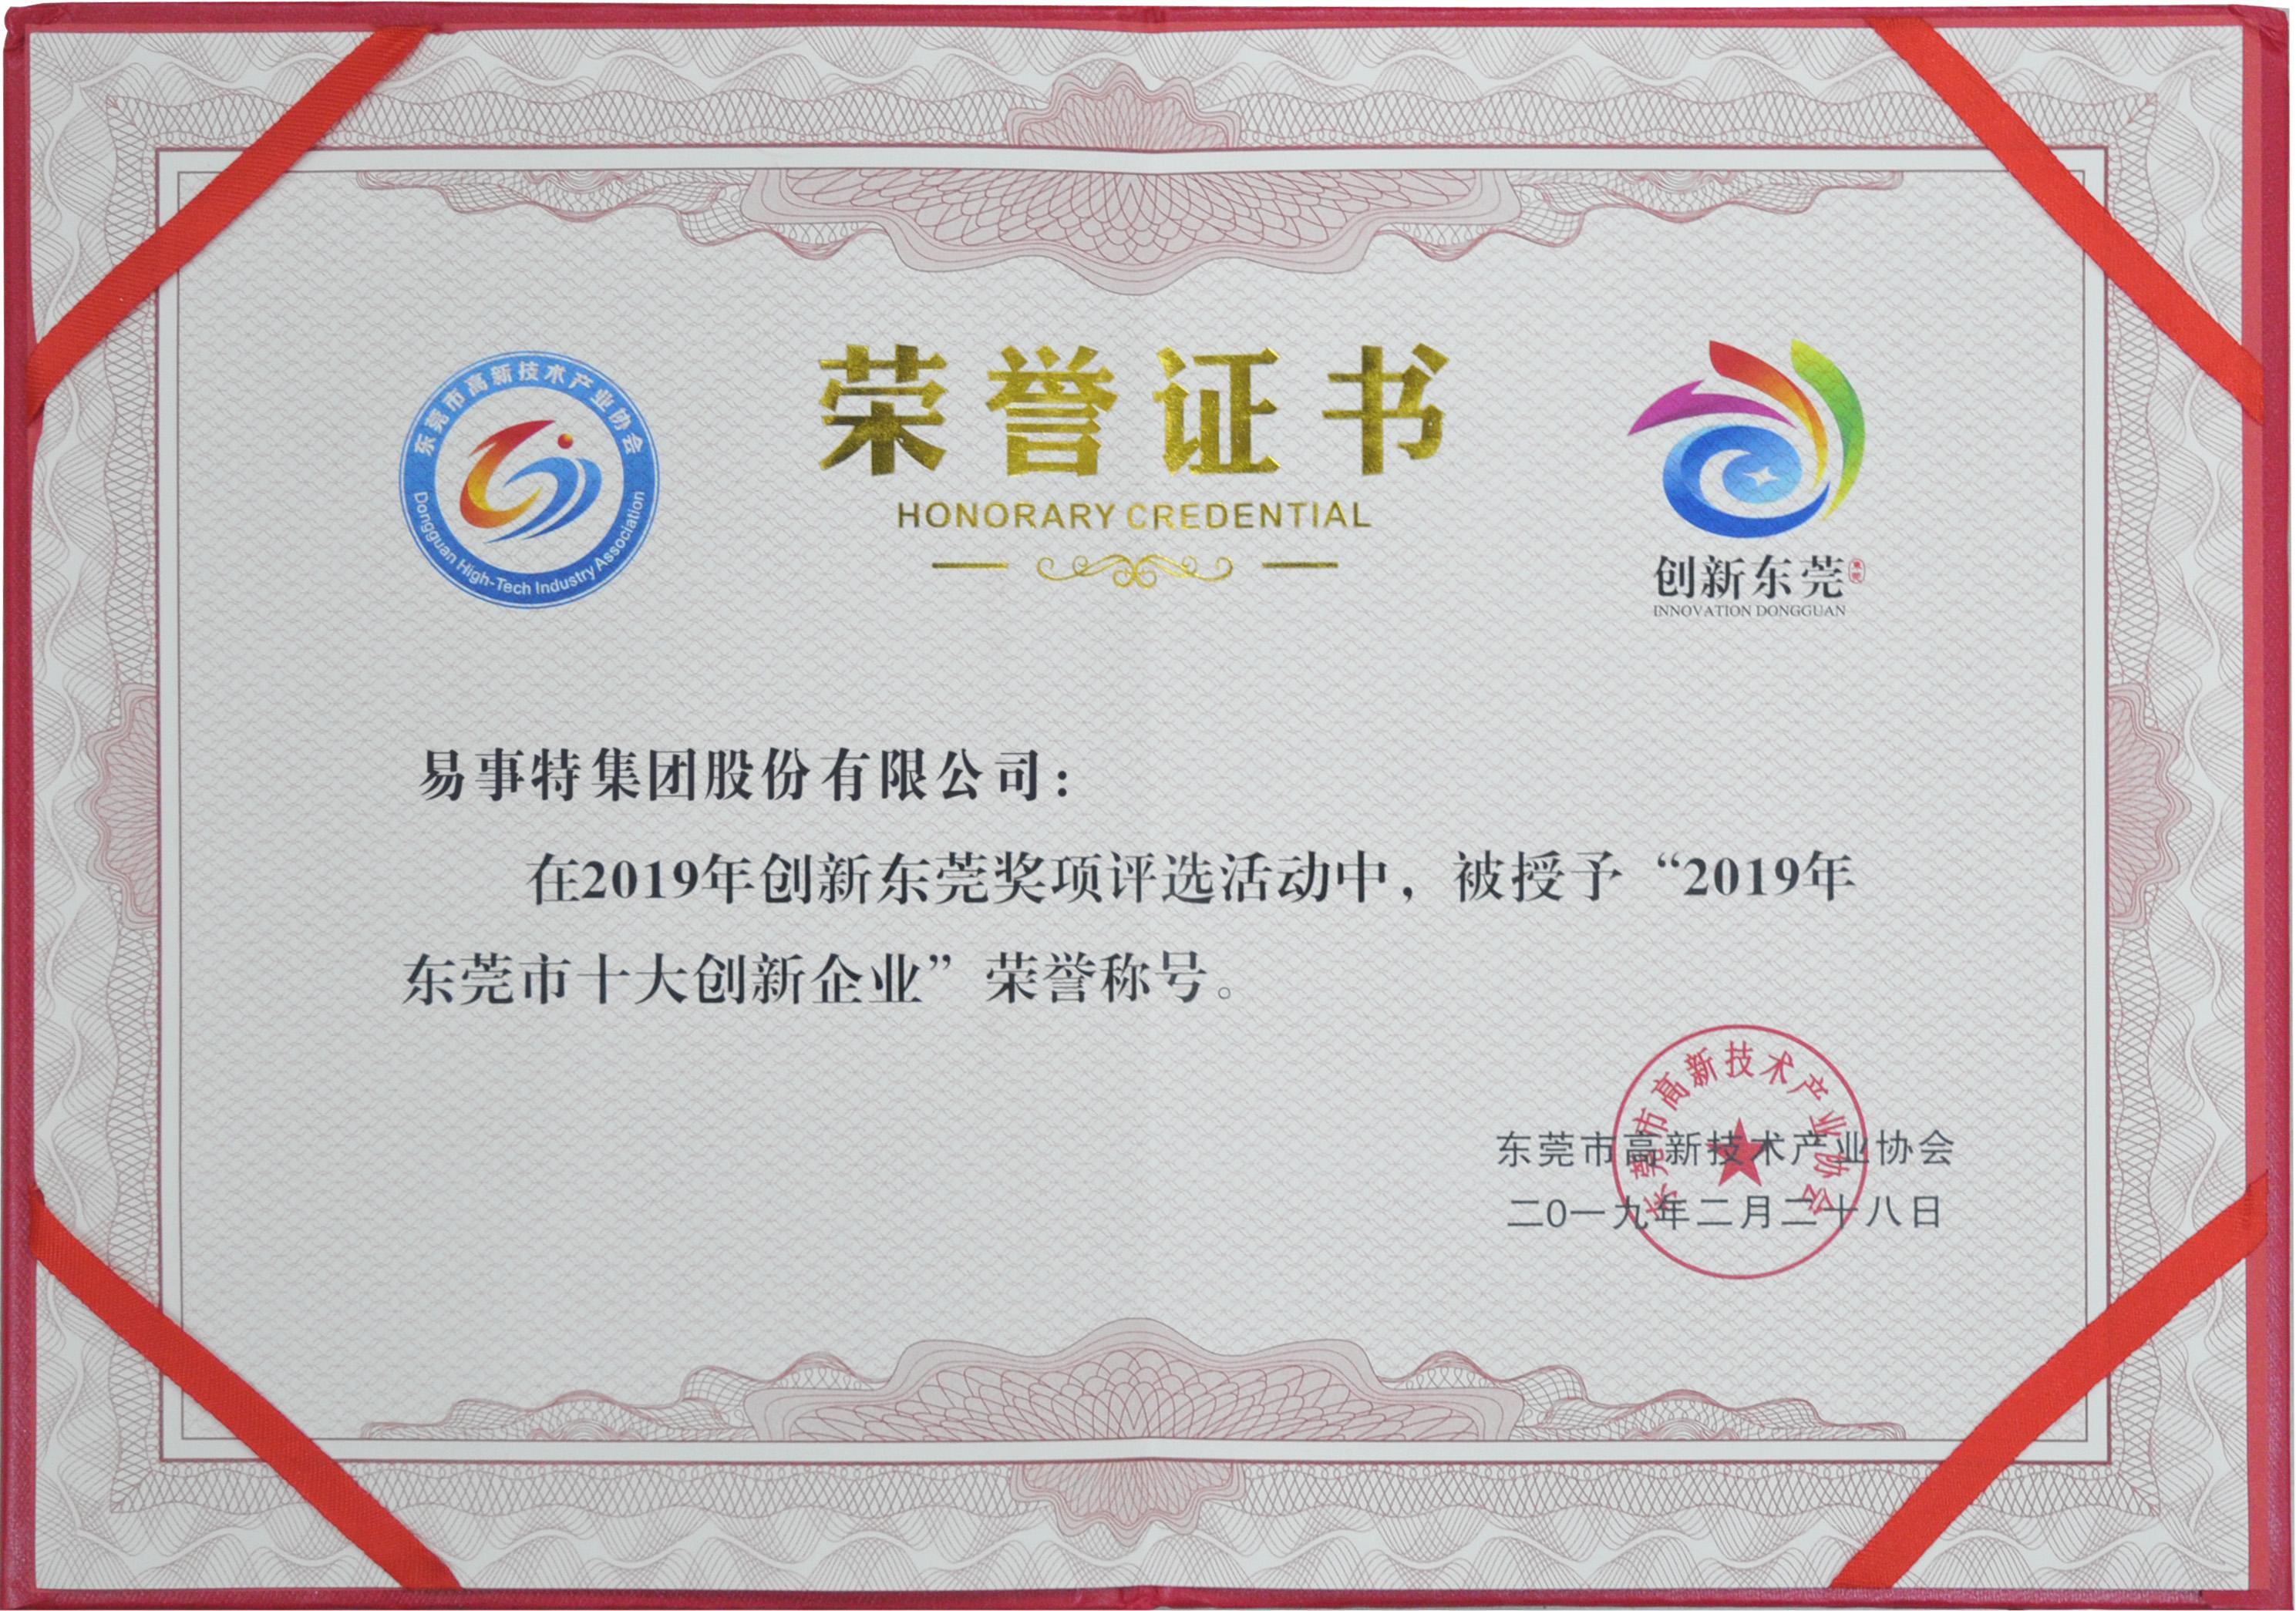 2019年东莞市十大创新企业